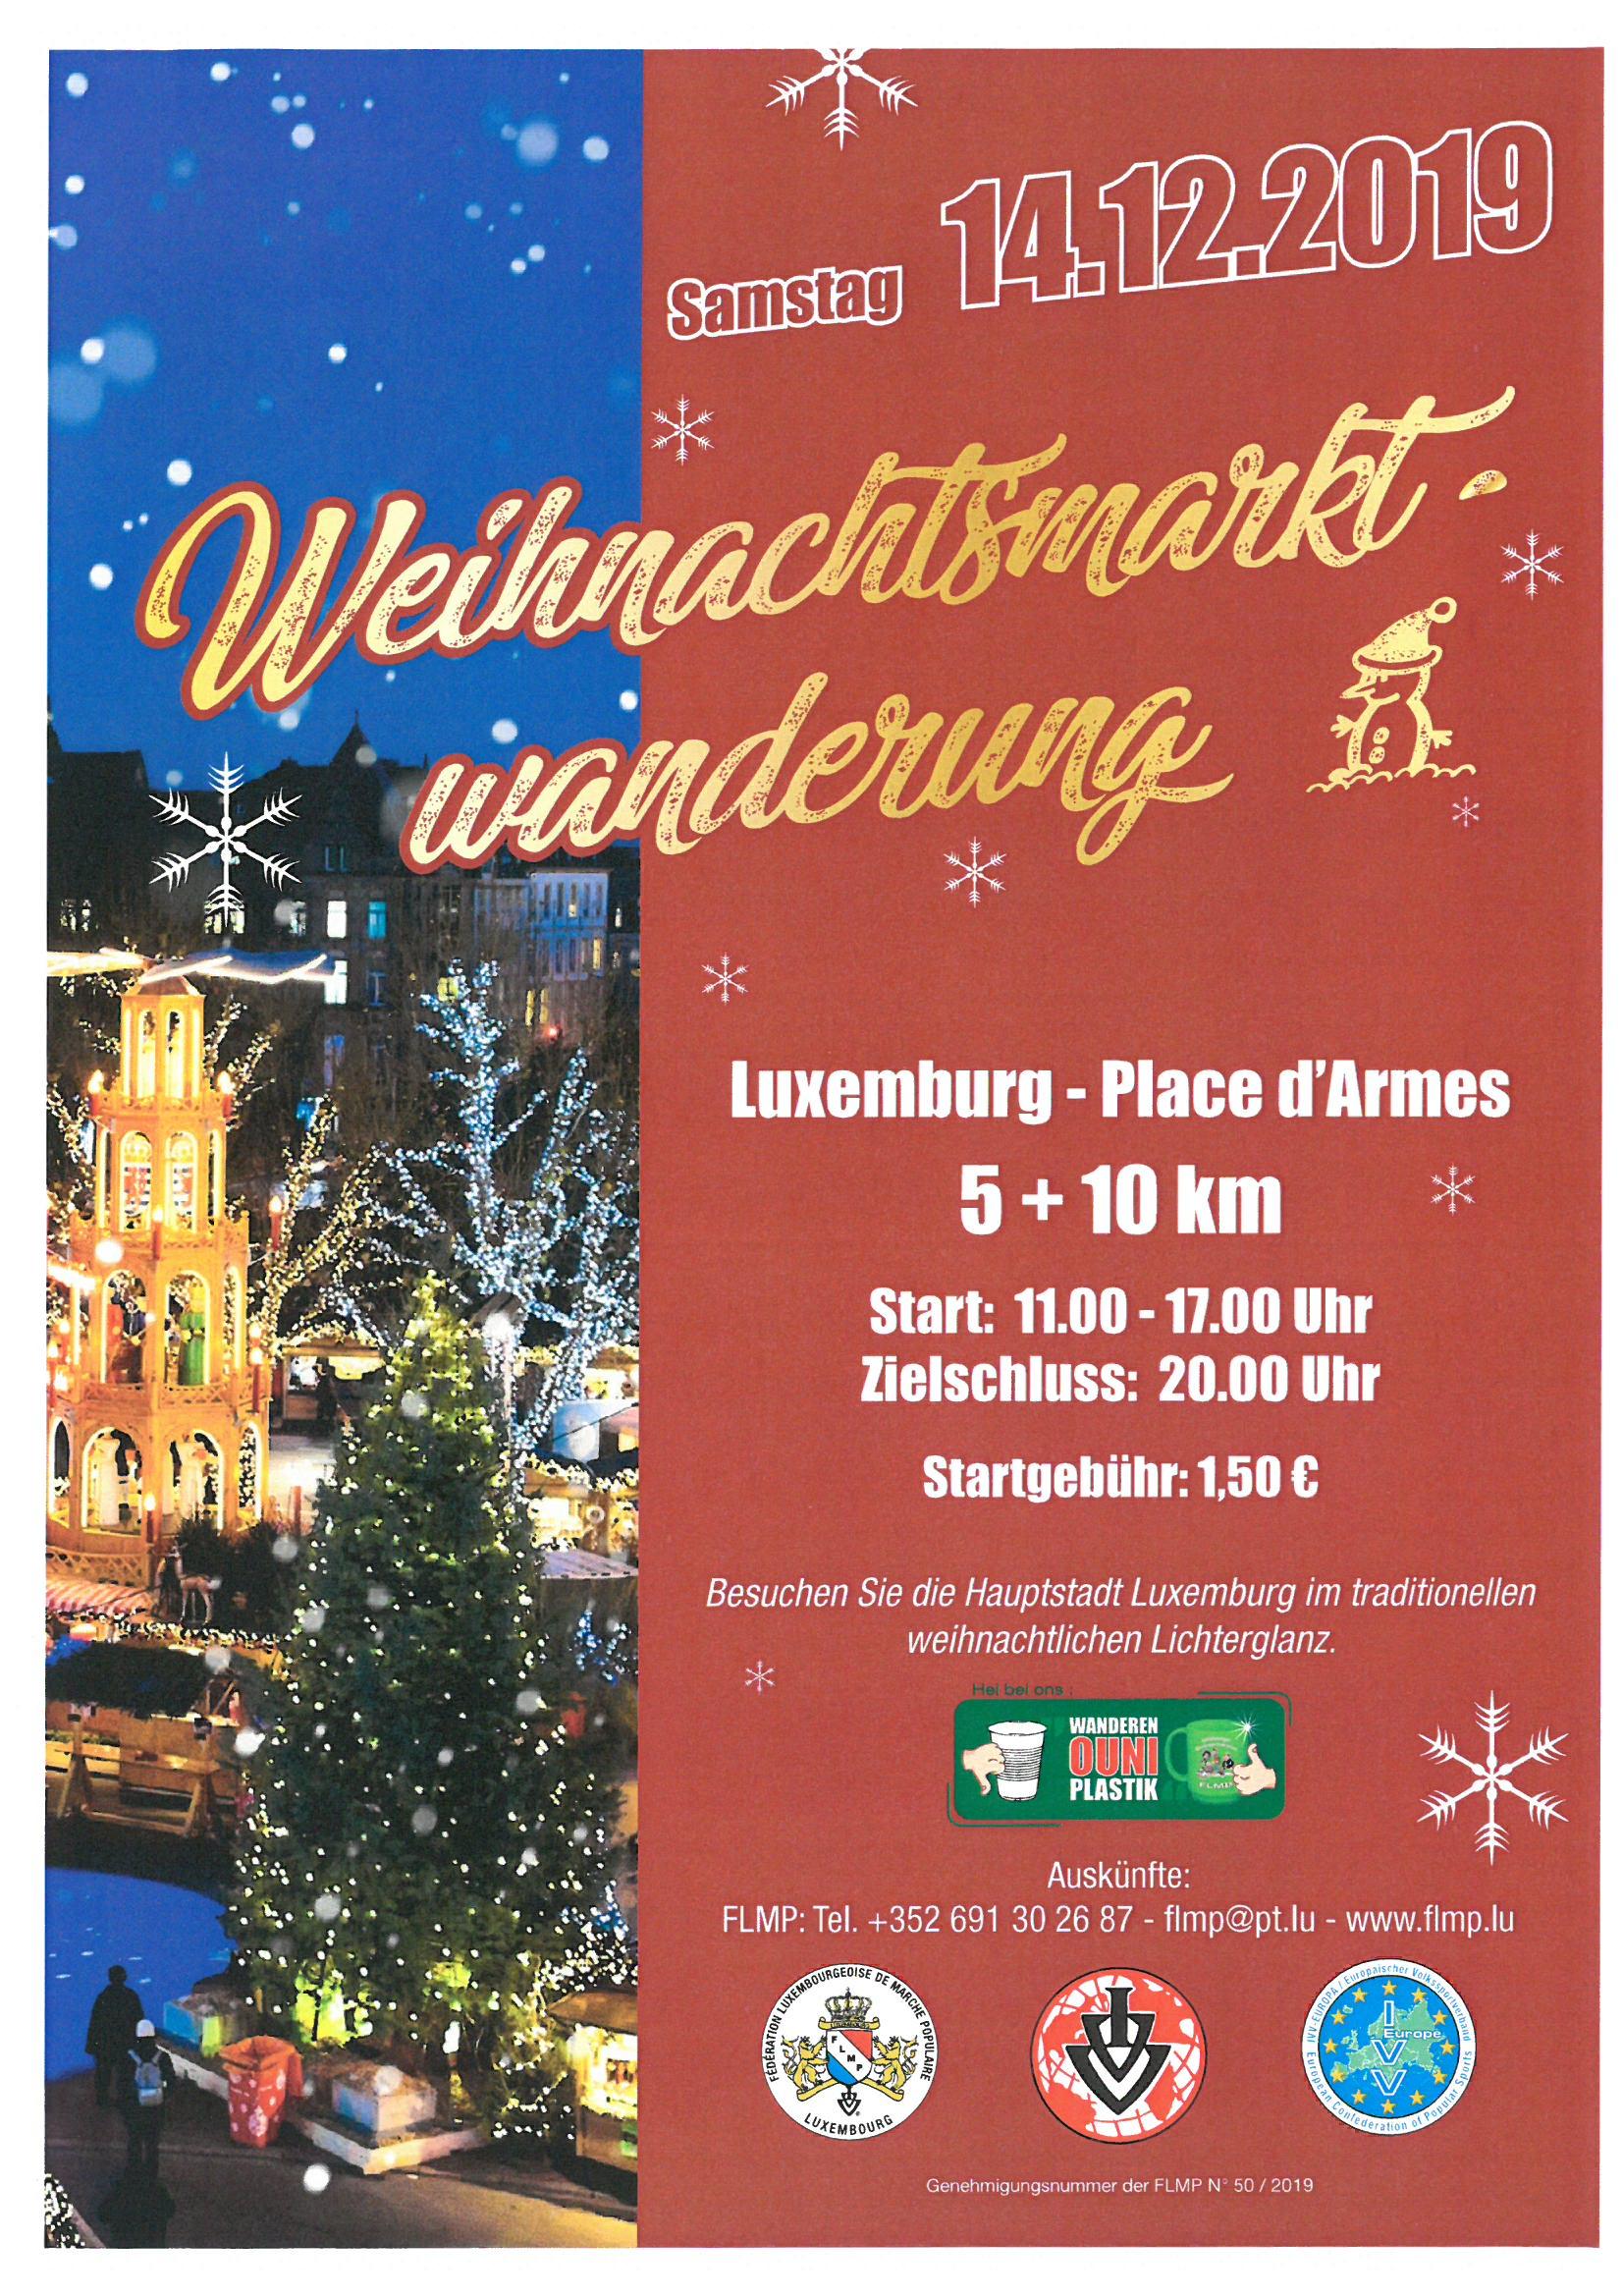 Luxemburg Flmp Ivv Weihnachtsmarktwanderung